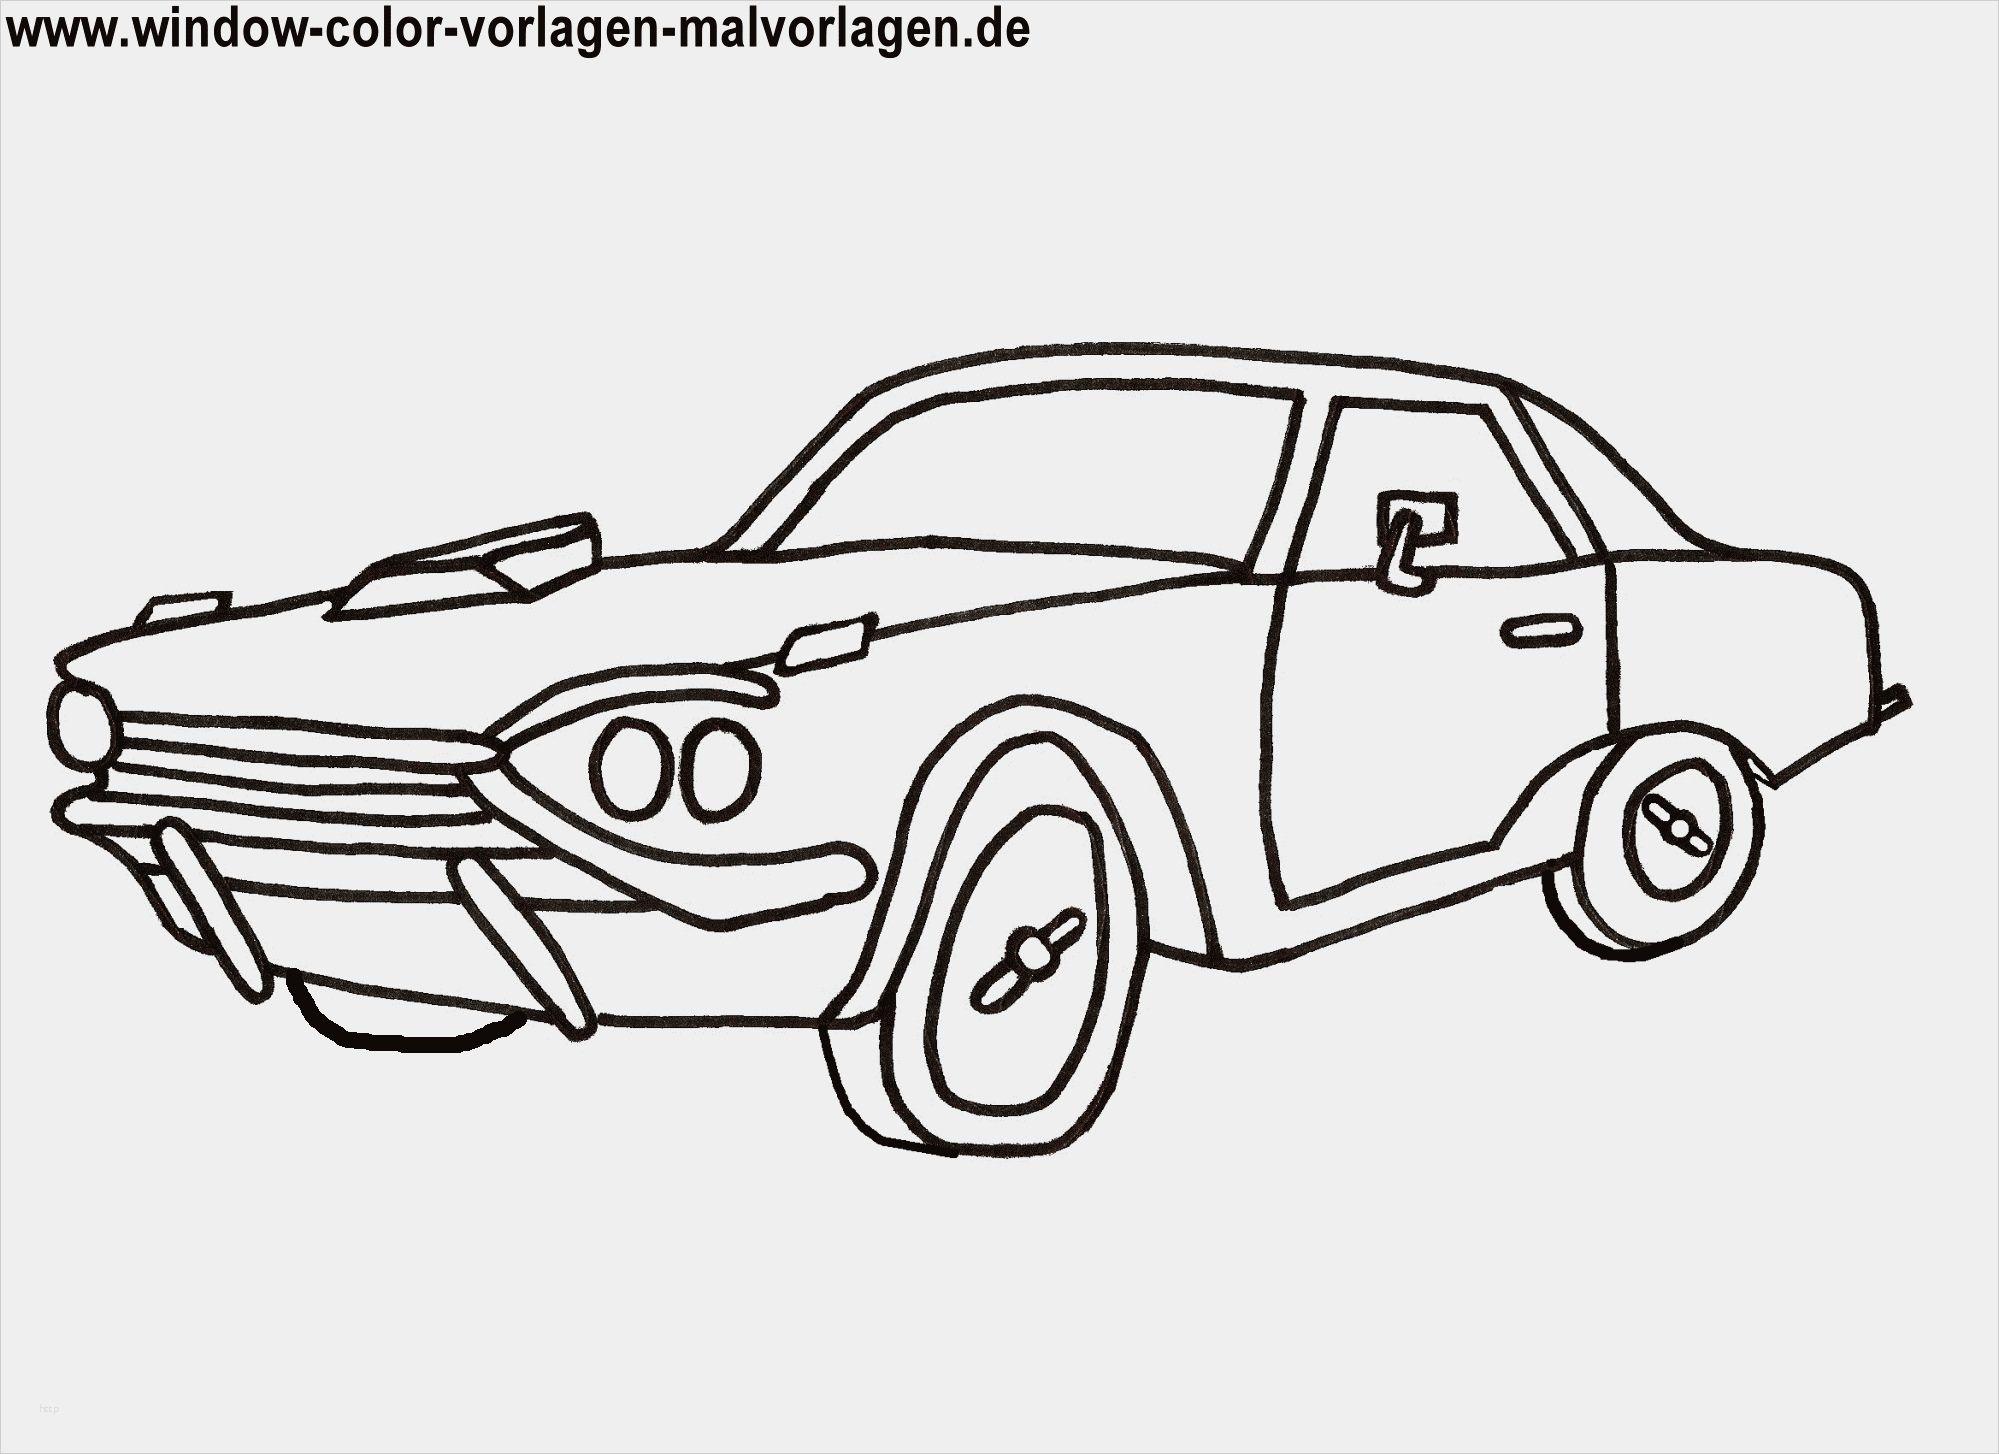 33 Erstaunlich Window Color Vorlagen Zum Ausdrucken